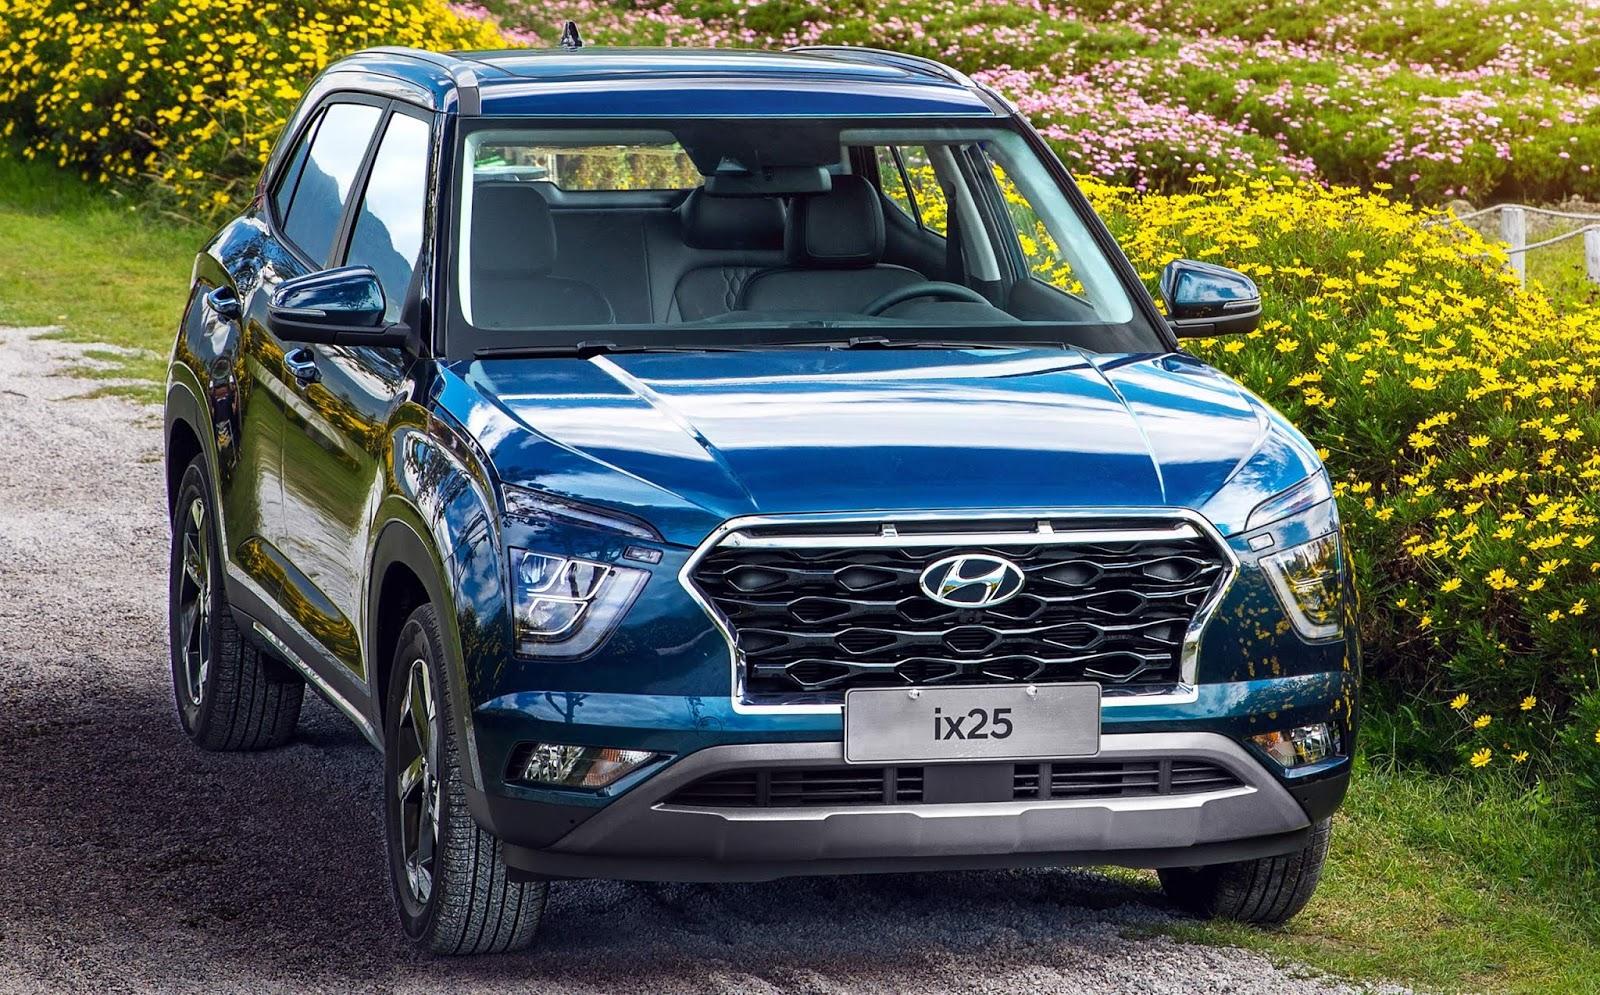 Novo Hyundai Creta 2021: design antecipado pelo Ix25 | CAR ...